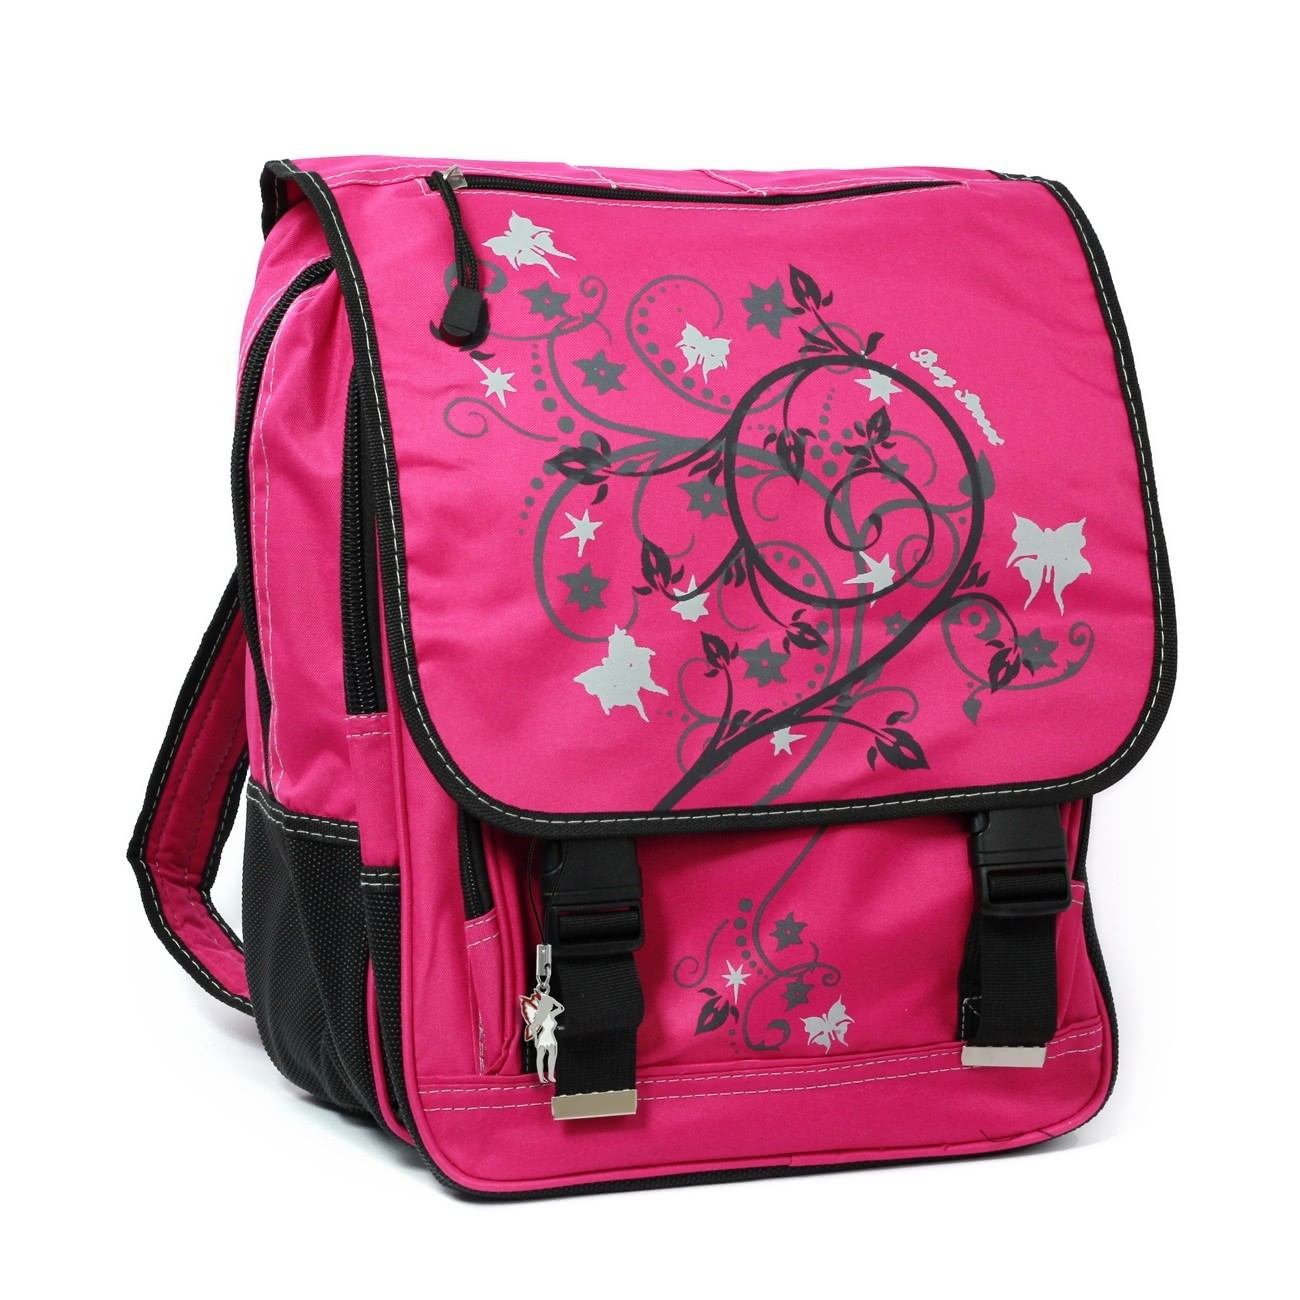 DrachenLeder Rucksack Nylon pink großer Schulranzen Schultasche OTJ602P